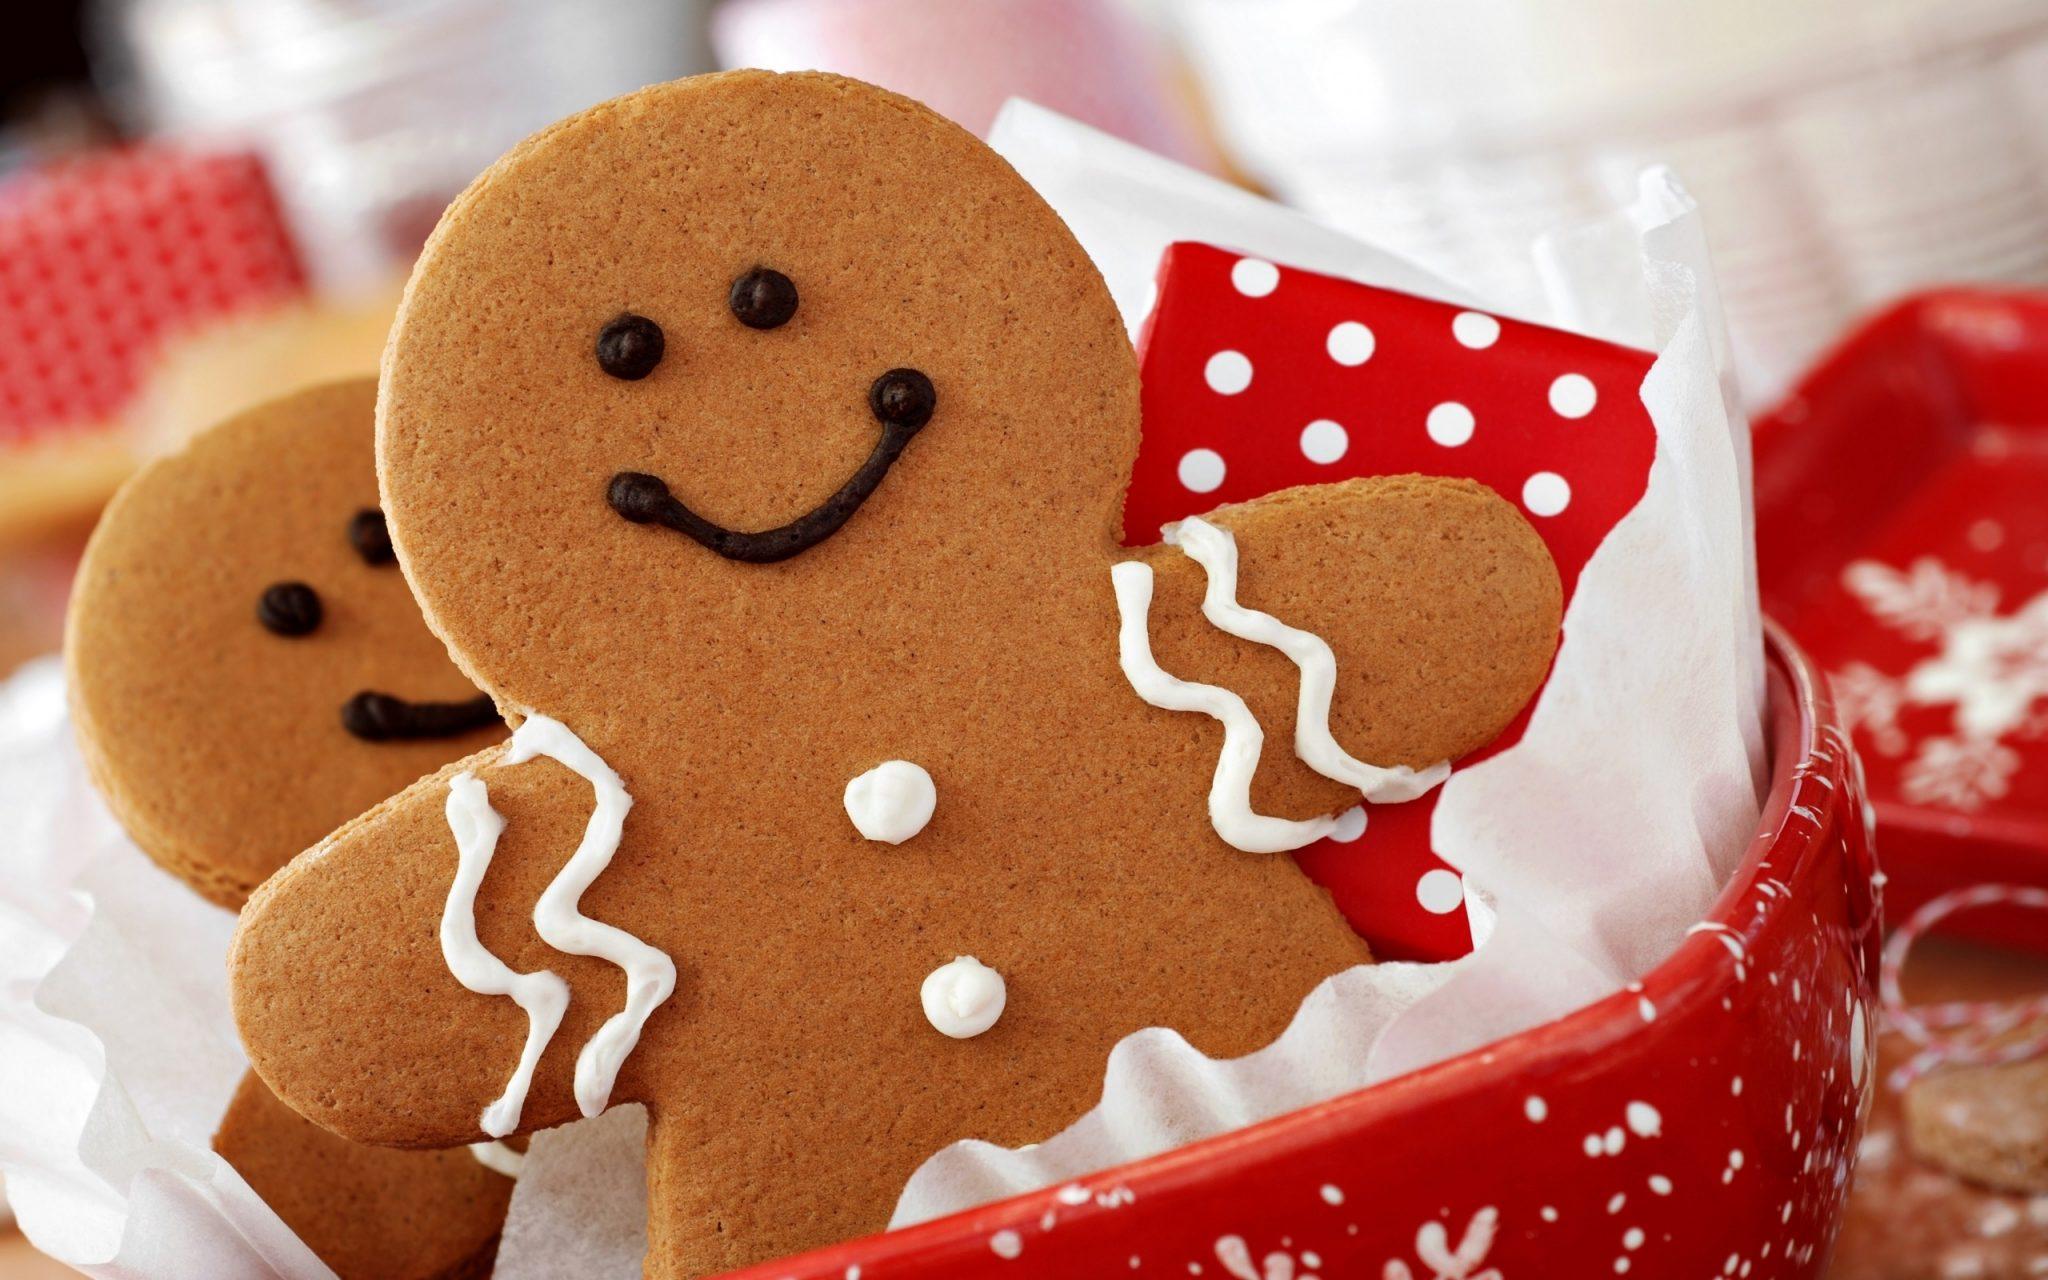 Fondos De Pantalla De Galletas: Fondos De Navidad